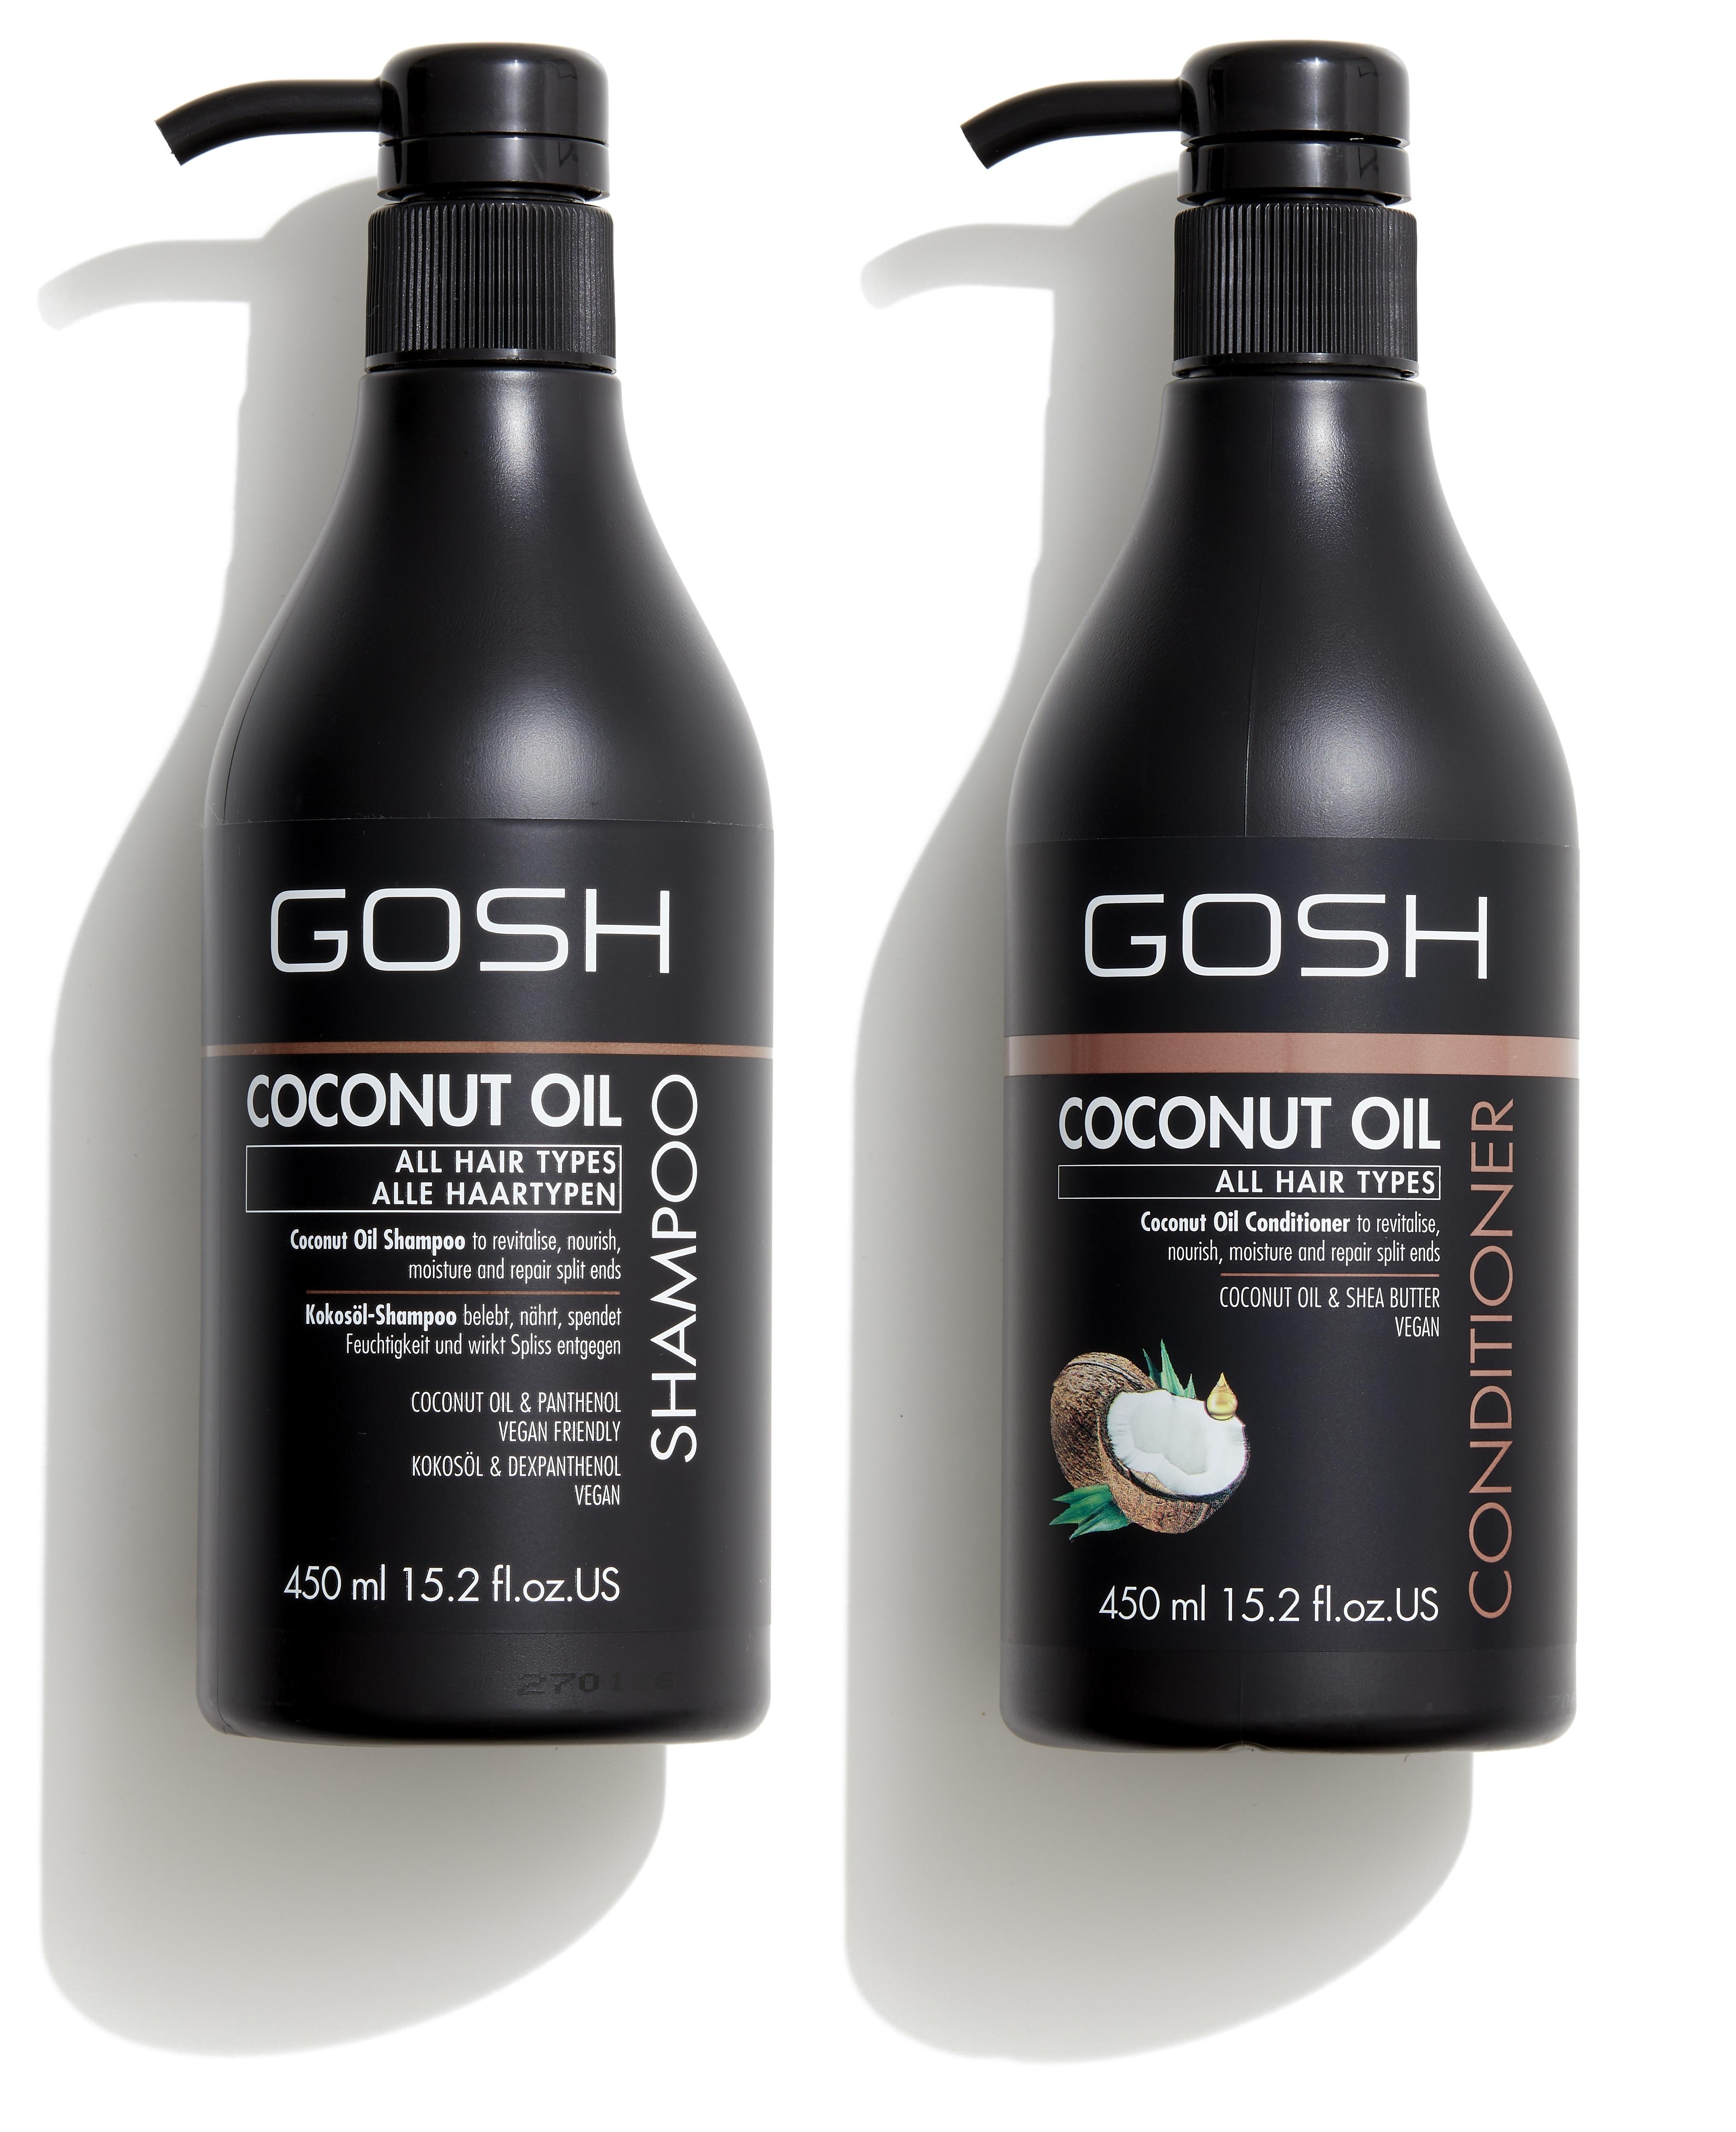 GOSH Coconut Oil Shampoo 450 ml Coconut Oil Conditioner 450 ml